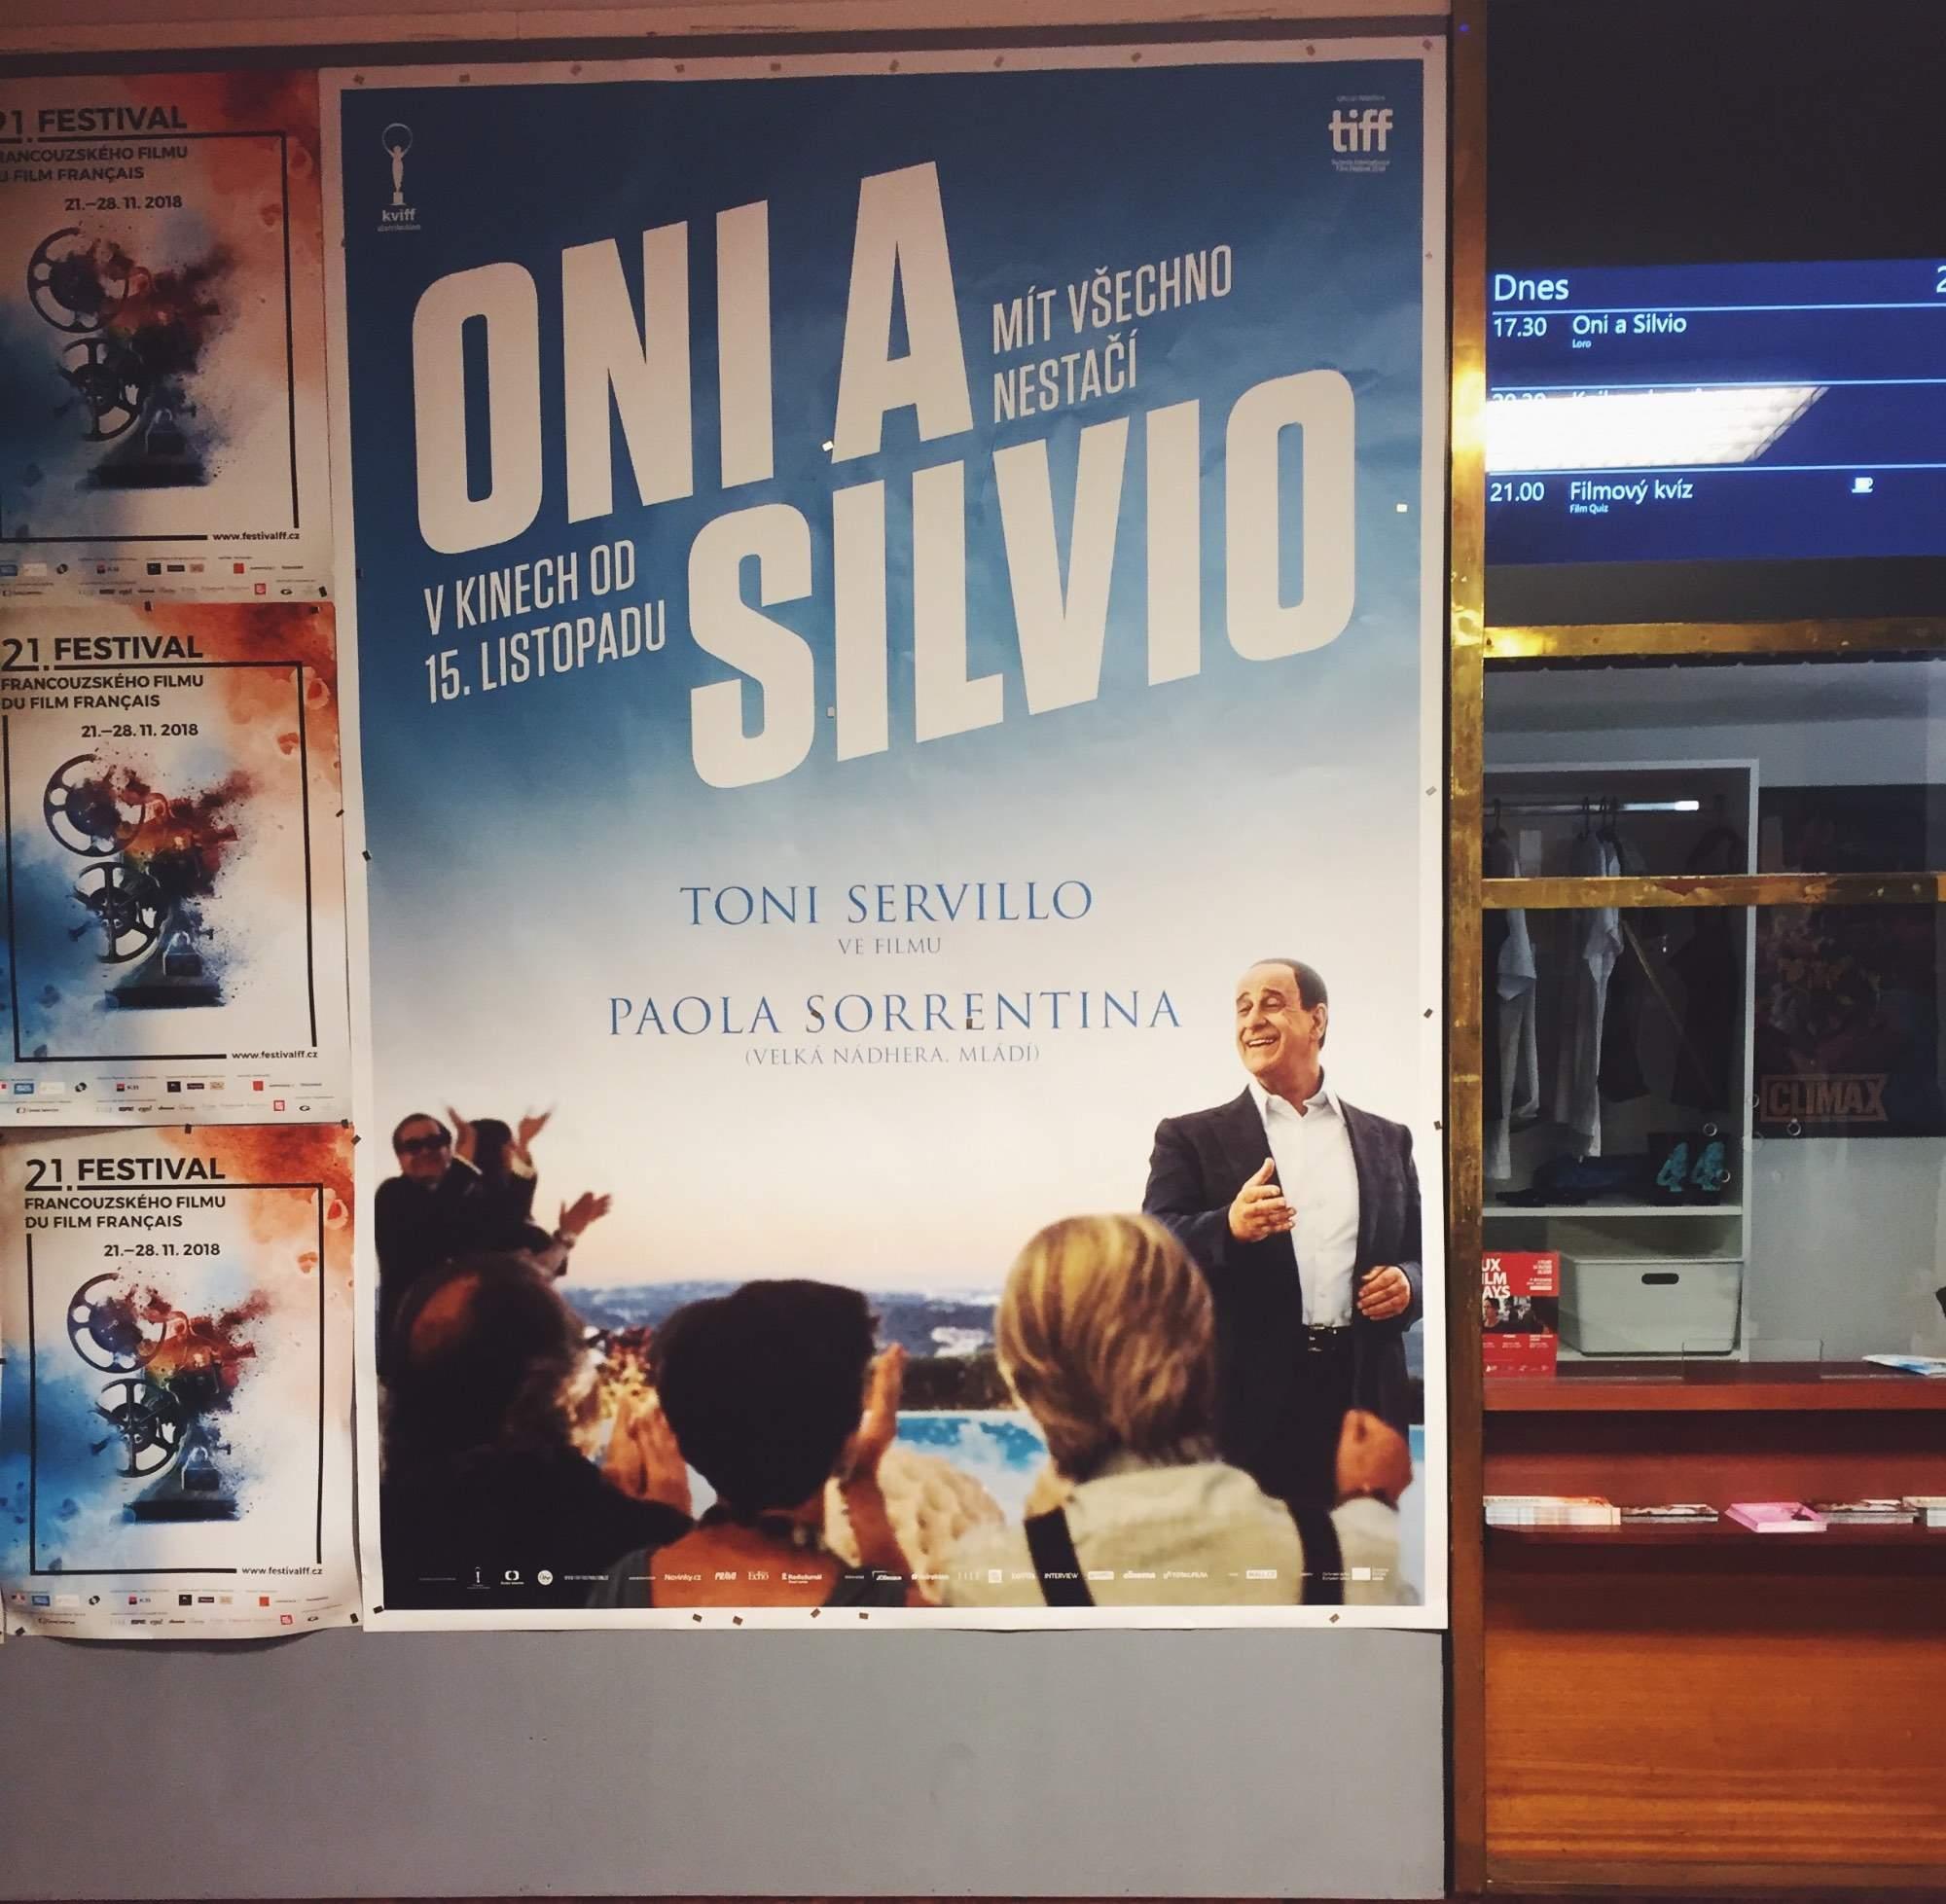 Nový film Paola Sorrentina odzrkadľuje skorumpovanú talianskú spoločnosť